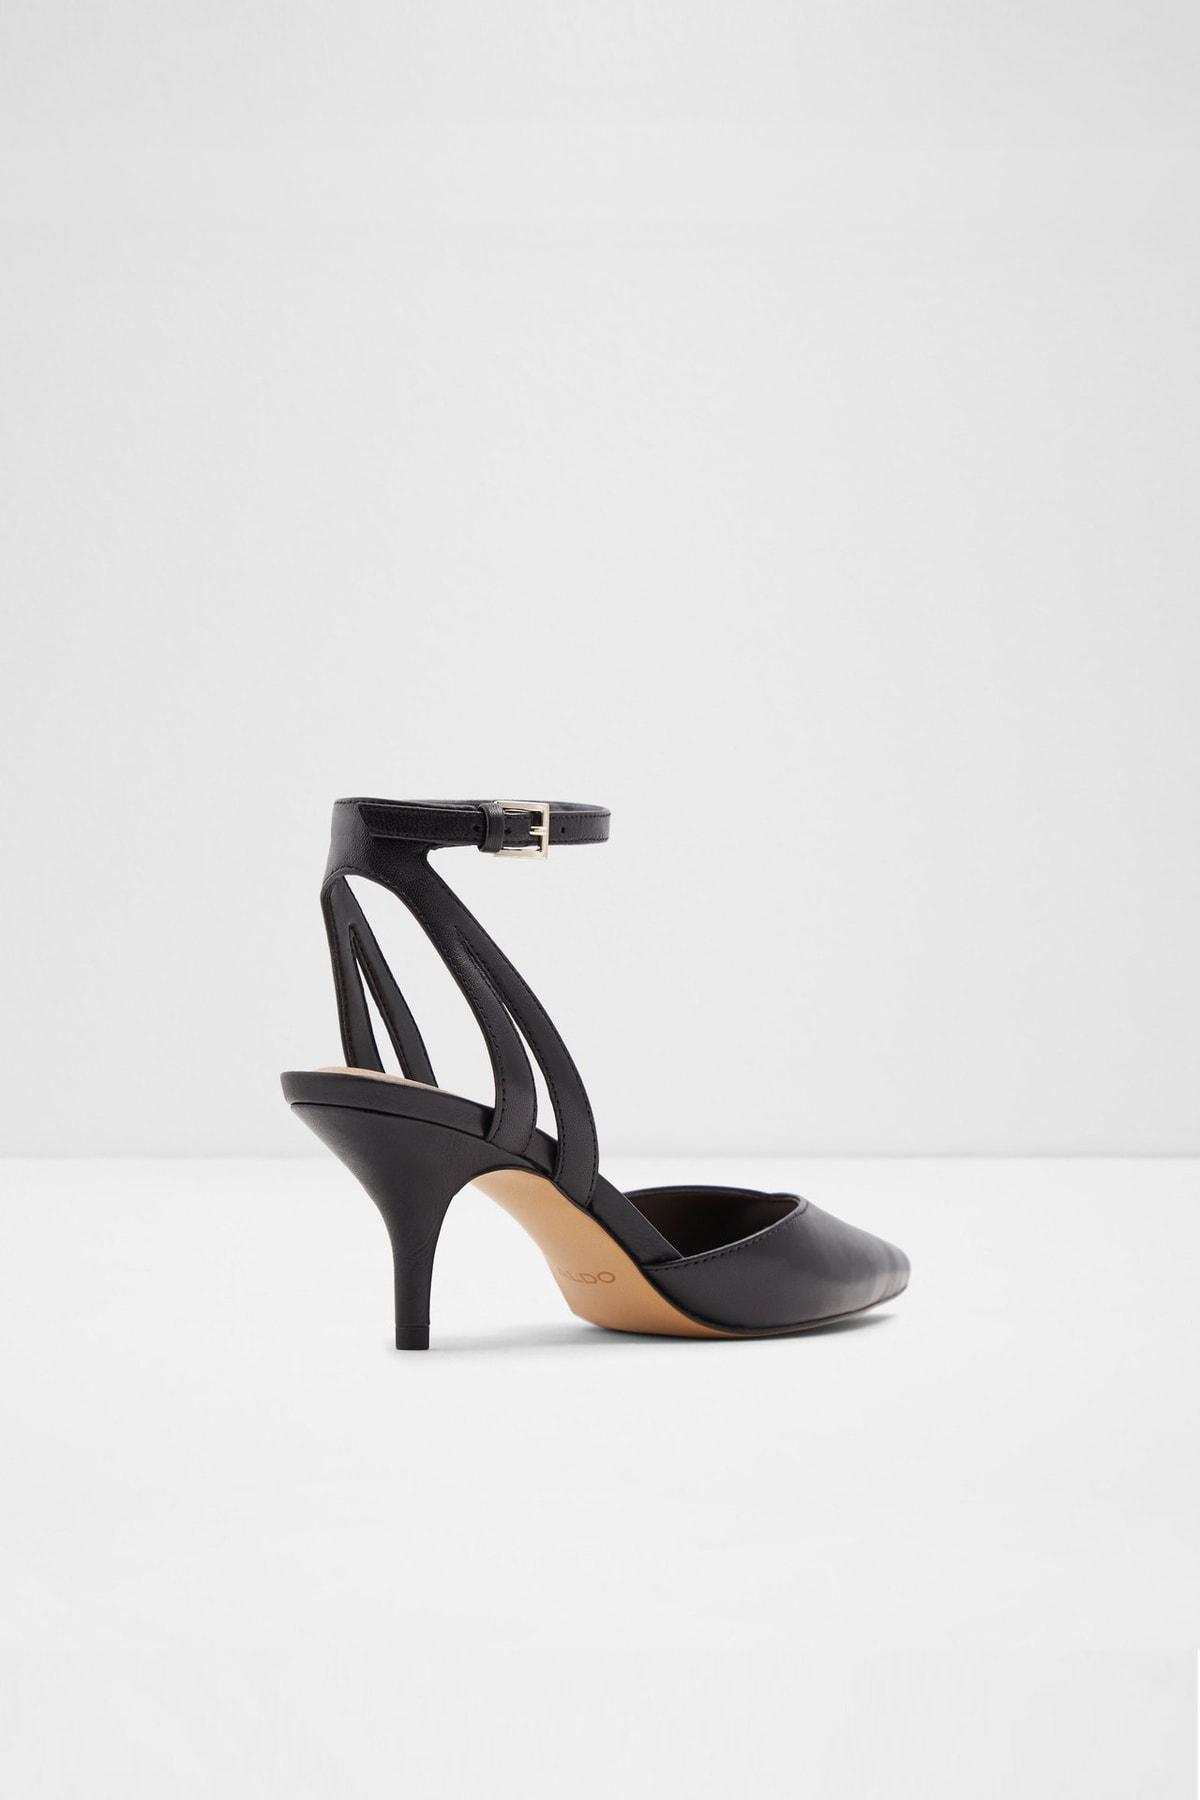 Aldo Krasnoya - Siyah Kadın Topuklu Ayakkabı 2